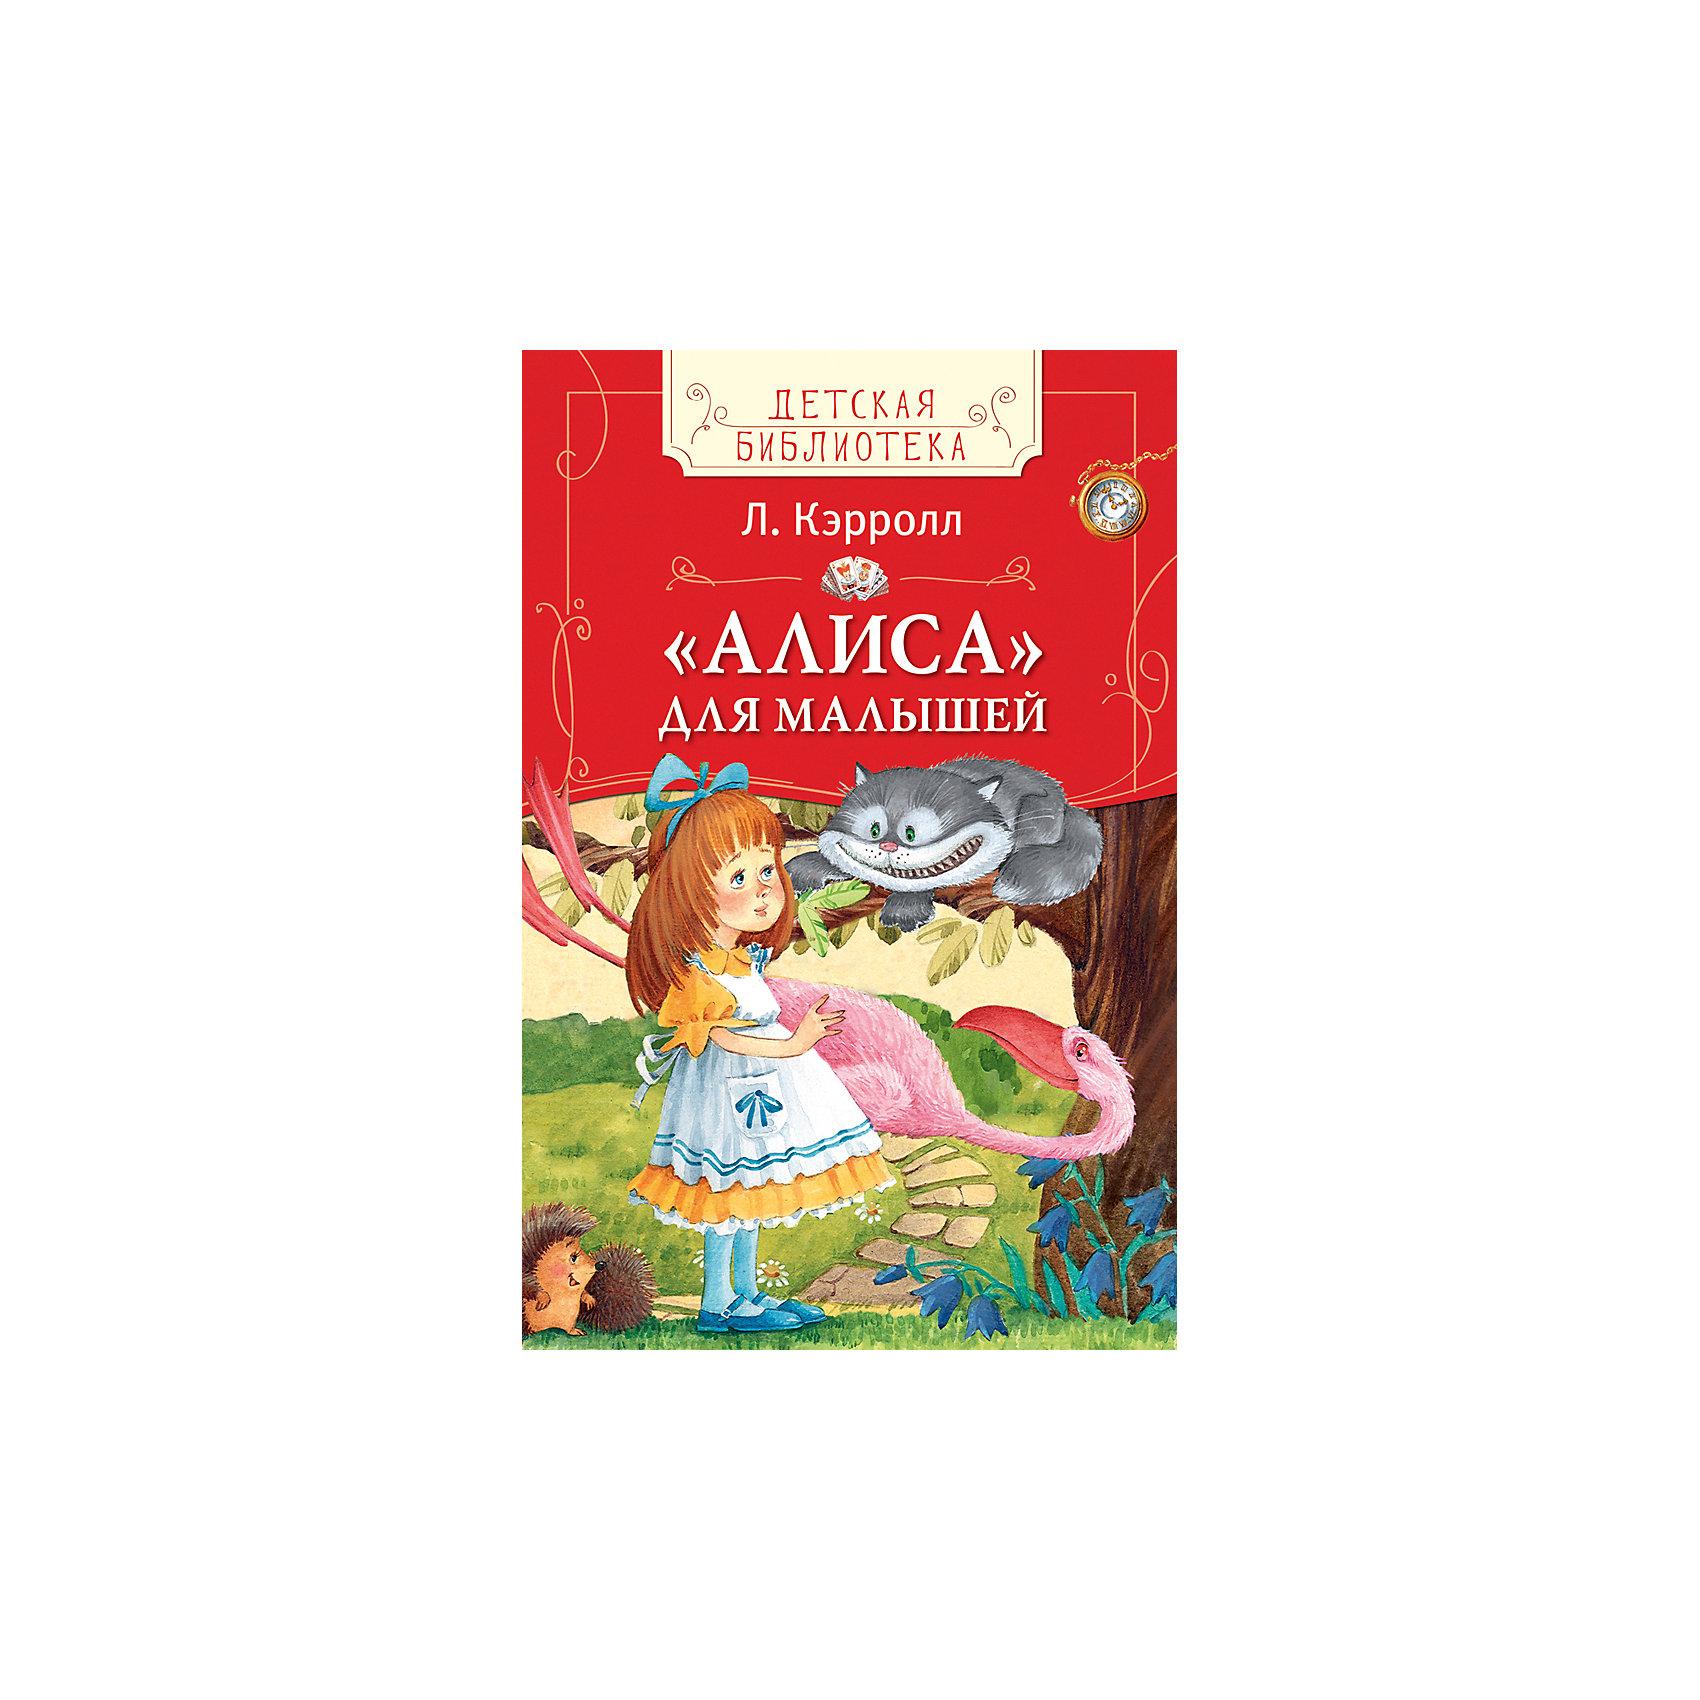 Алиса для малышей, Л. КэрроллХарактеристики товара:<br><br>- цвет: разноцветный;<br>- материал: бумага;<br>- страниц: 64;<br>- обложка: твердая;<br>- иллюстрации.<br><br>Эта интересная книга с иллюстрациями станет отличным подарком для ребенка. Она содержит в себе поучительные и захватывающие приключения, эту книгу любит не одно поколение! Талантливый иллюстратор дополнил книгу качественными рисунками, которые помогают ребенку проникнуться духом сказки.<br>Чтение - отличный способ активизации мышления, оно помогает ребенку развивать зрительную память, концентрацию внимания и воображение. Издание произведено из качественных материалов, которые безопасны даже для самых маленьких.<br><br>Издание Алиса для малышей, Л. Кэрролл от компании Росмэн можно купить в нашем интернет-магазине.<br><br>Ширина мм: 222<br>Глубина мм: 143<br>Высота мм: 8<br>Вес г: 162<br>Возраст от месяцев: 36<br>Возраст до месяцев: 72<br>Пол: Унисекс<br>Возраст: Детский<br>SKU: 5109894